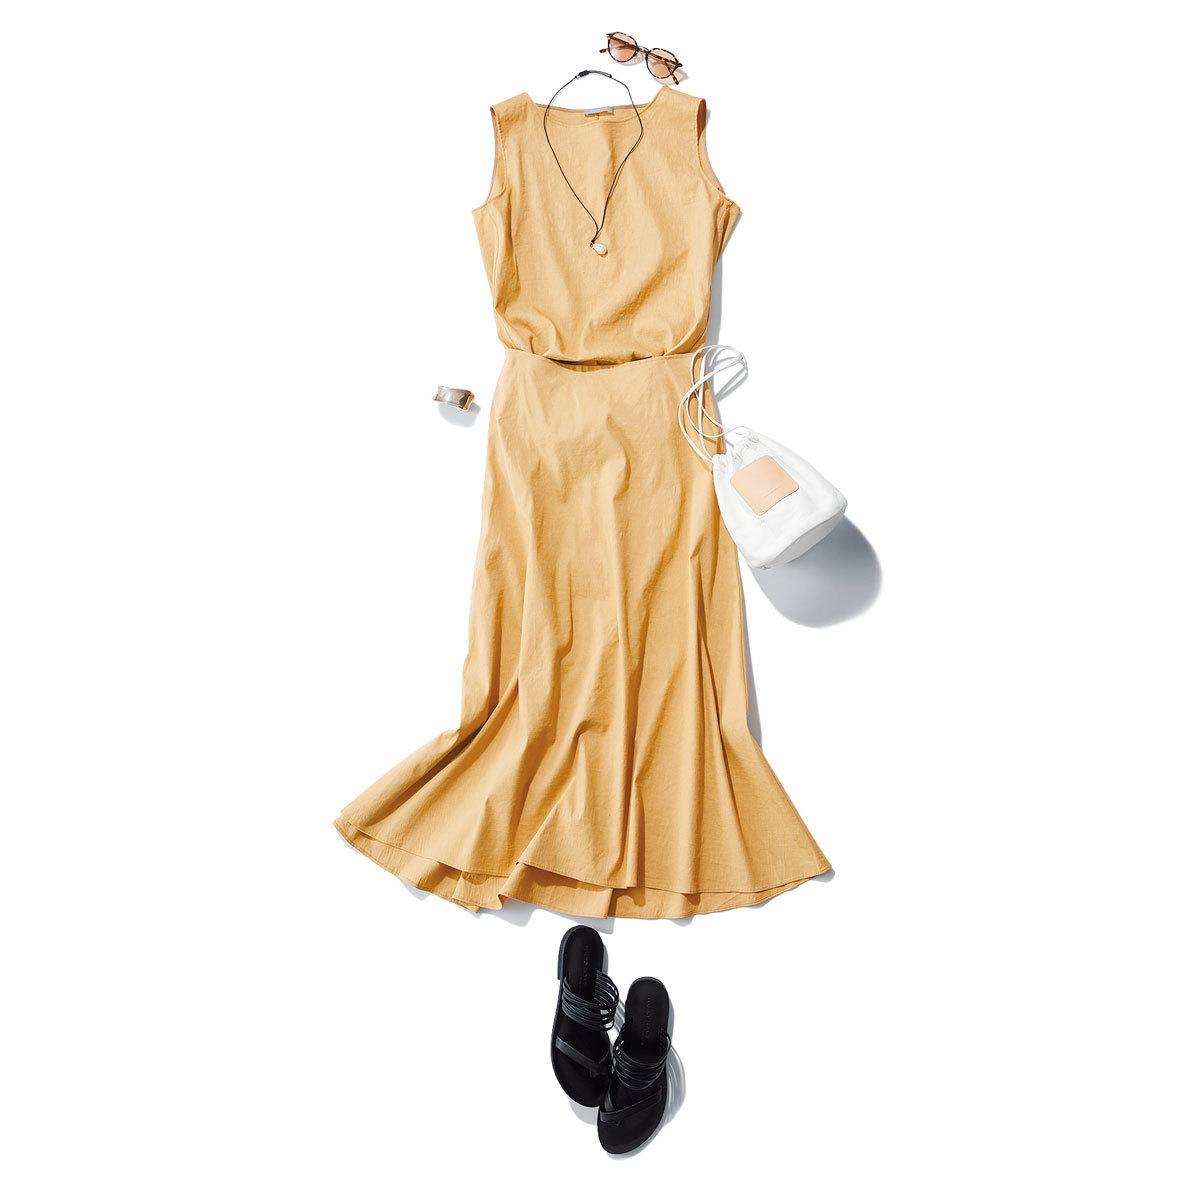 ■リネンのノースリーブブラウス×スカートのセットアップコーデ